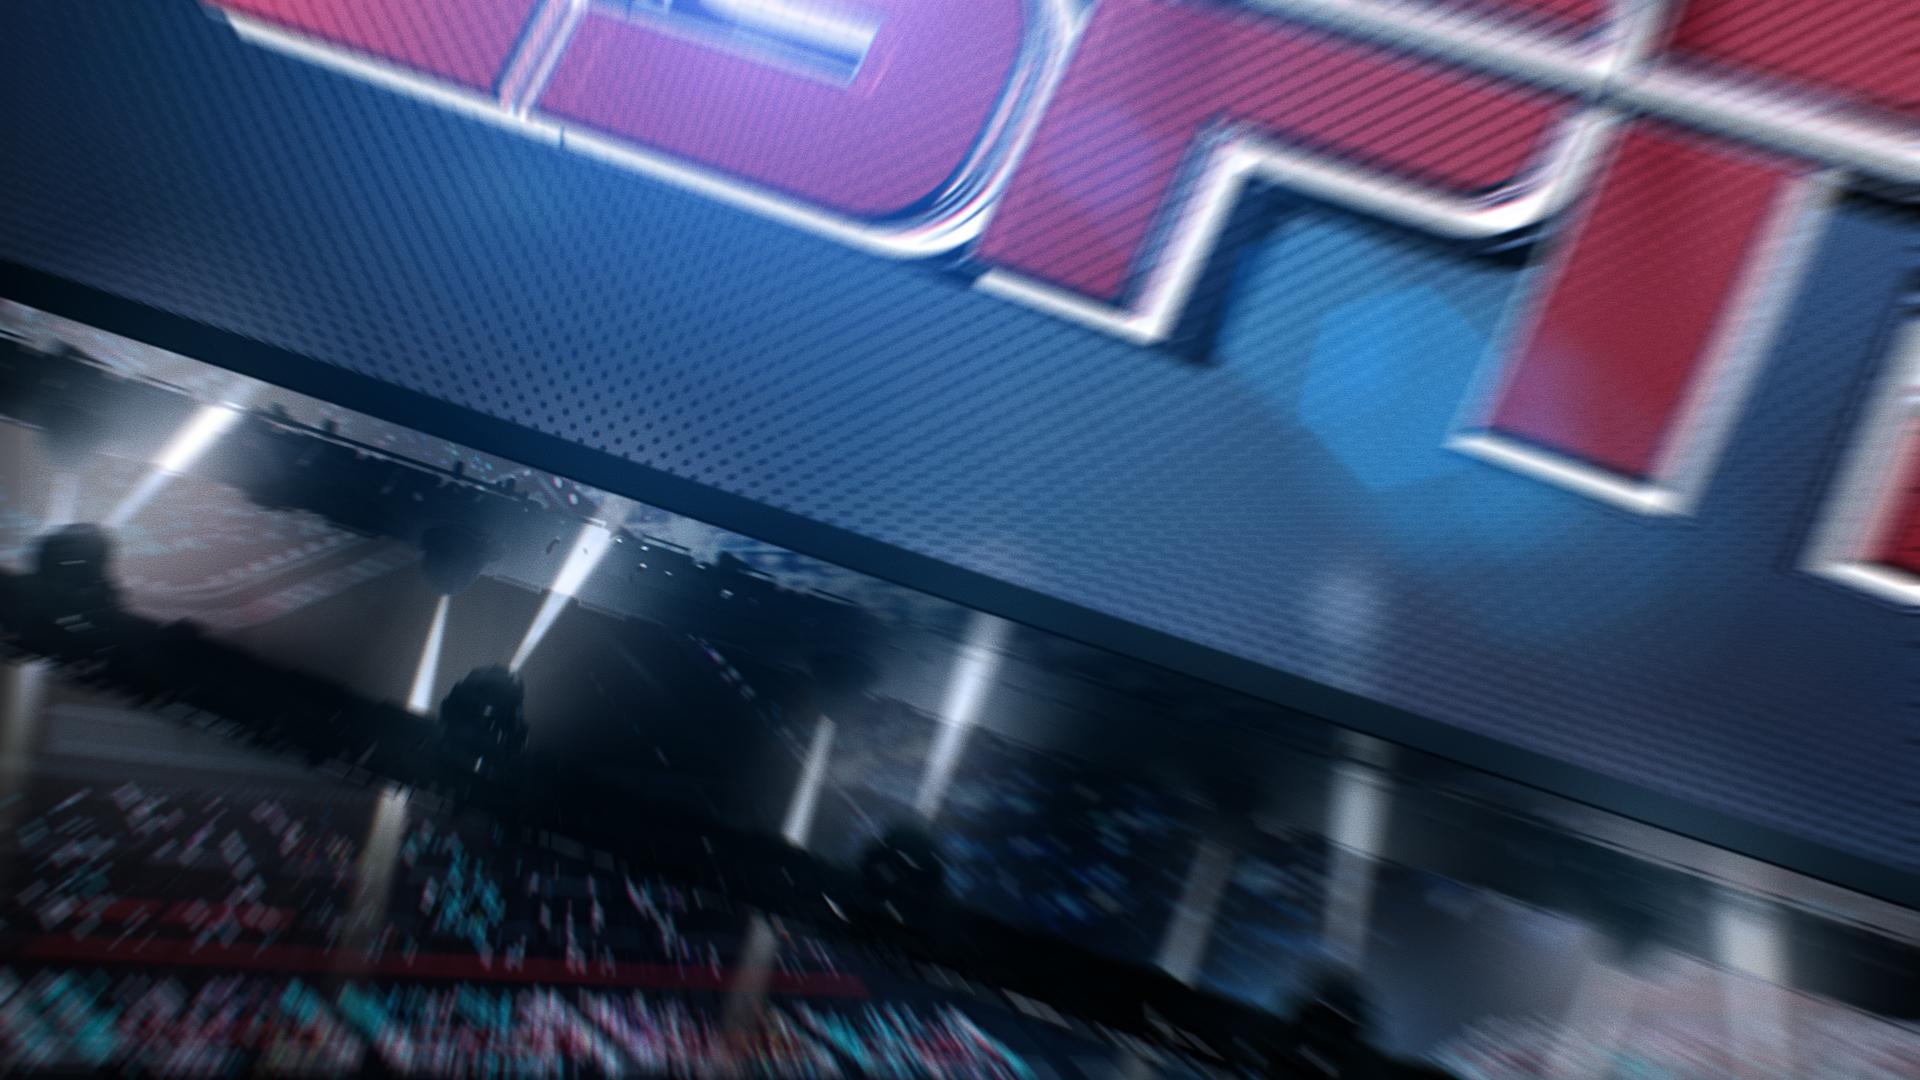 1319_ESPN_THANK_YOU_frame_02.jpg